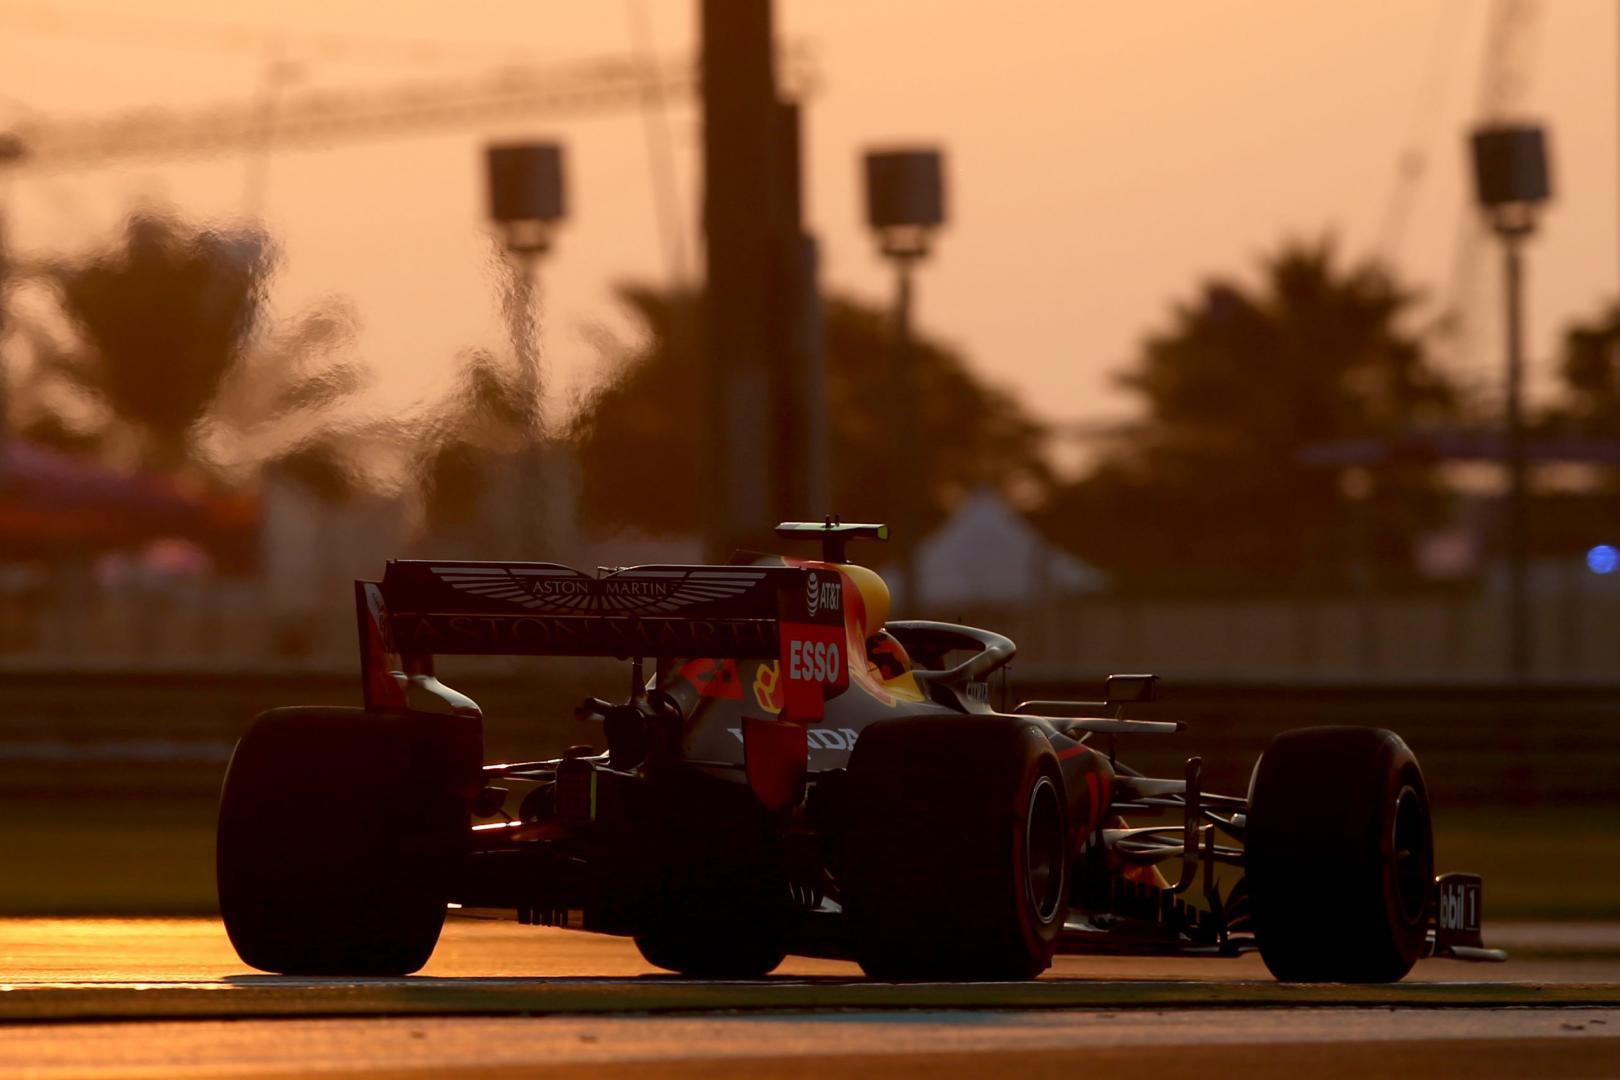 Uitslag van de GP van Abu Dhabi 2019